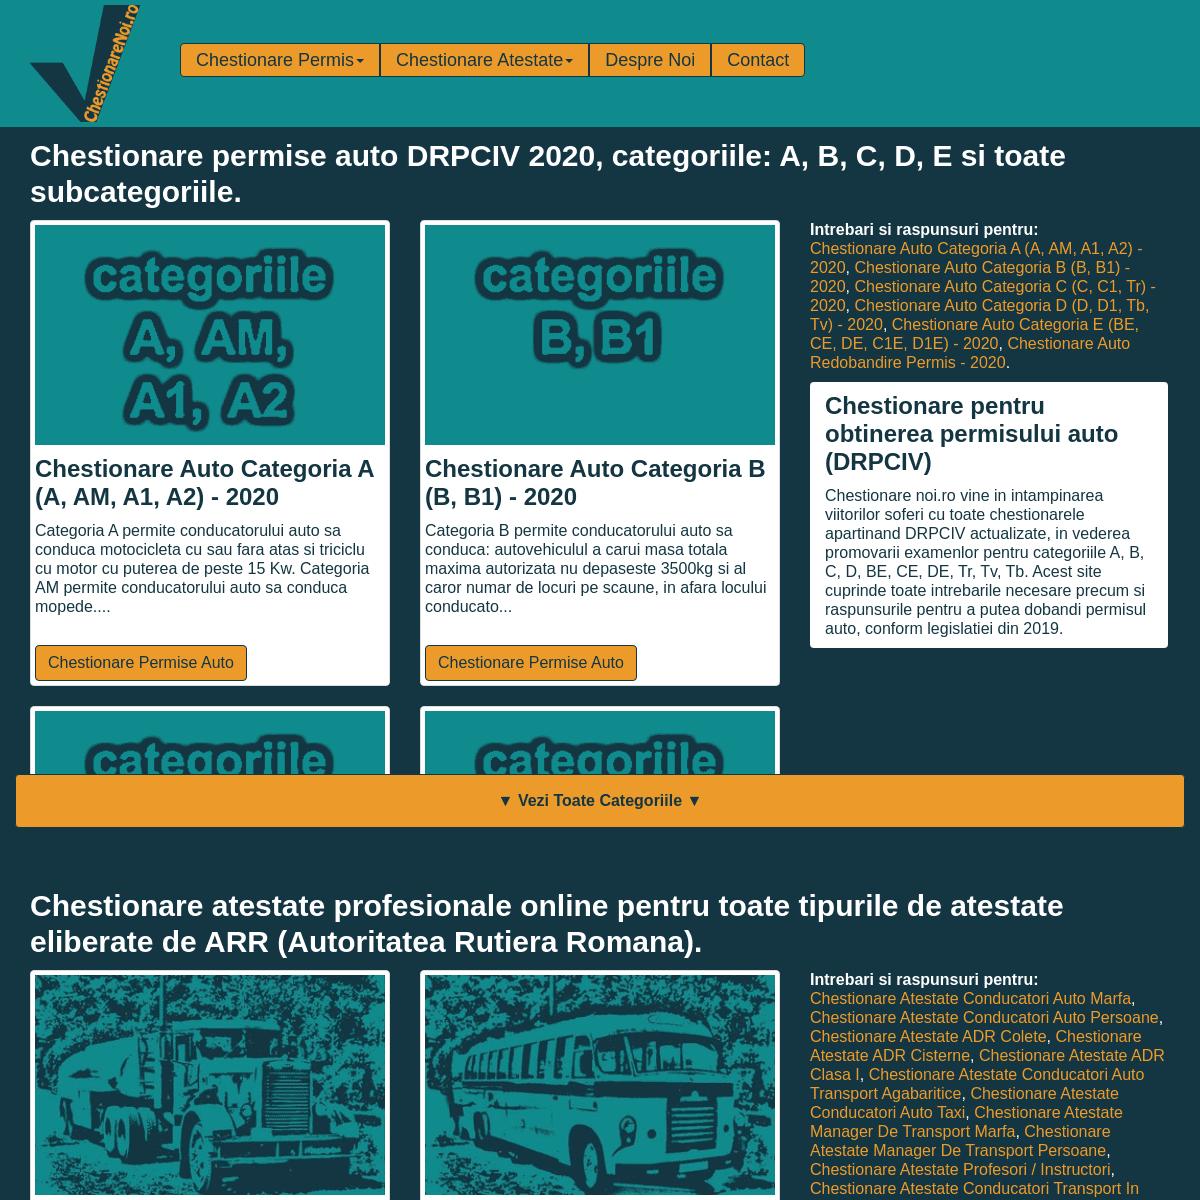 Chestionare Atestate Profesionale Auto Online - ChestionareNoi.ro